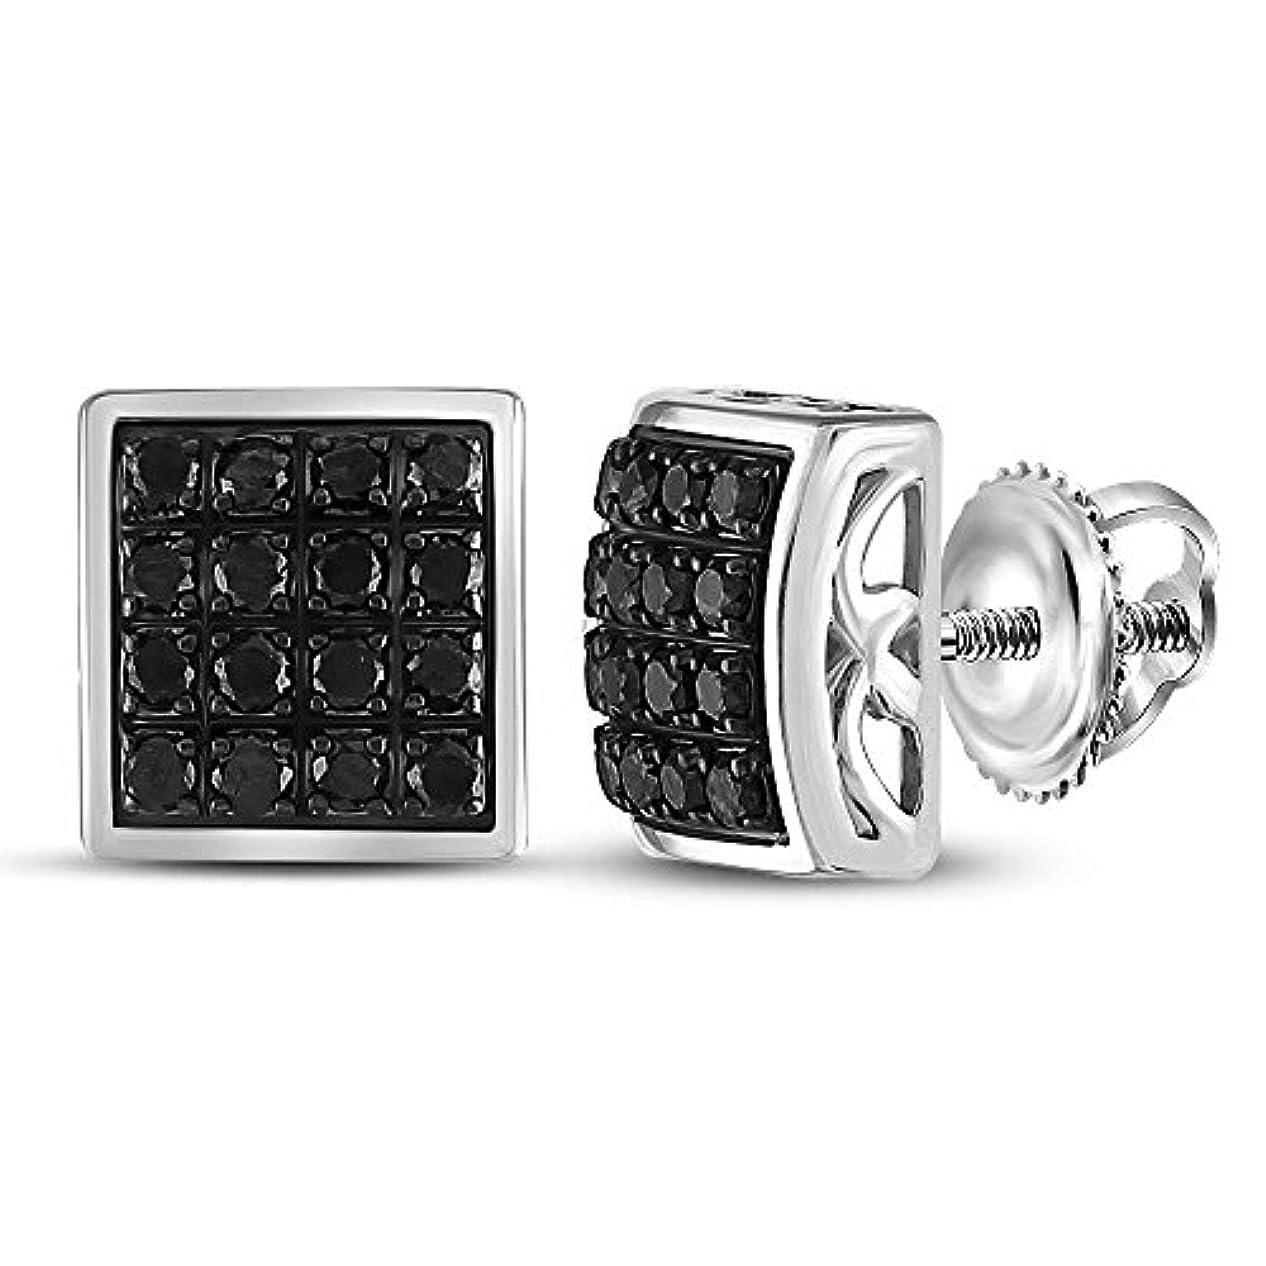 拡声器空白スタッフスターリングシルバー メンズ ラウンドブラックカラー 強化ダイヤモンドスクエアクラスターピアス 5/8 Cttw